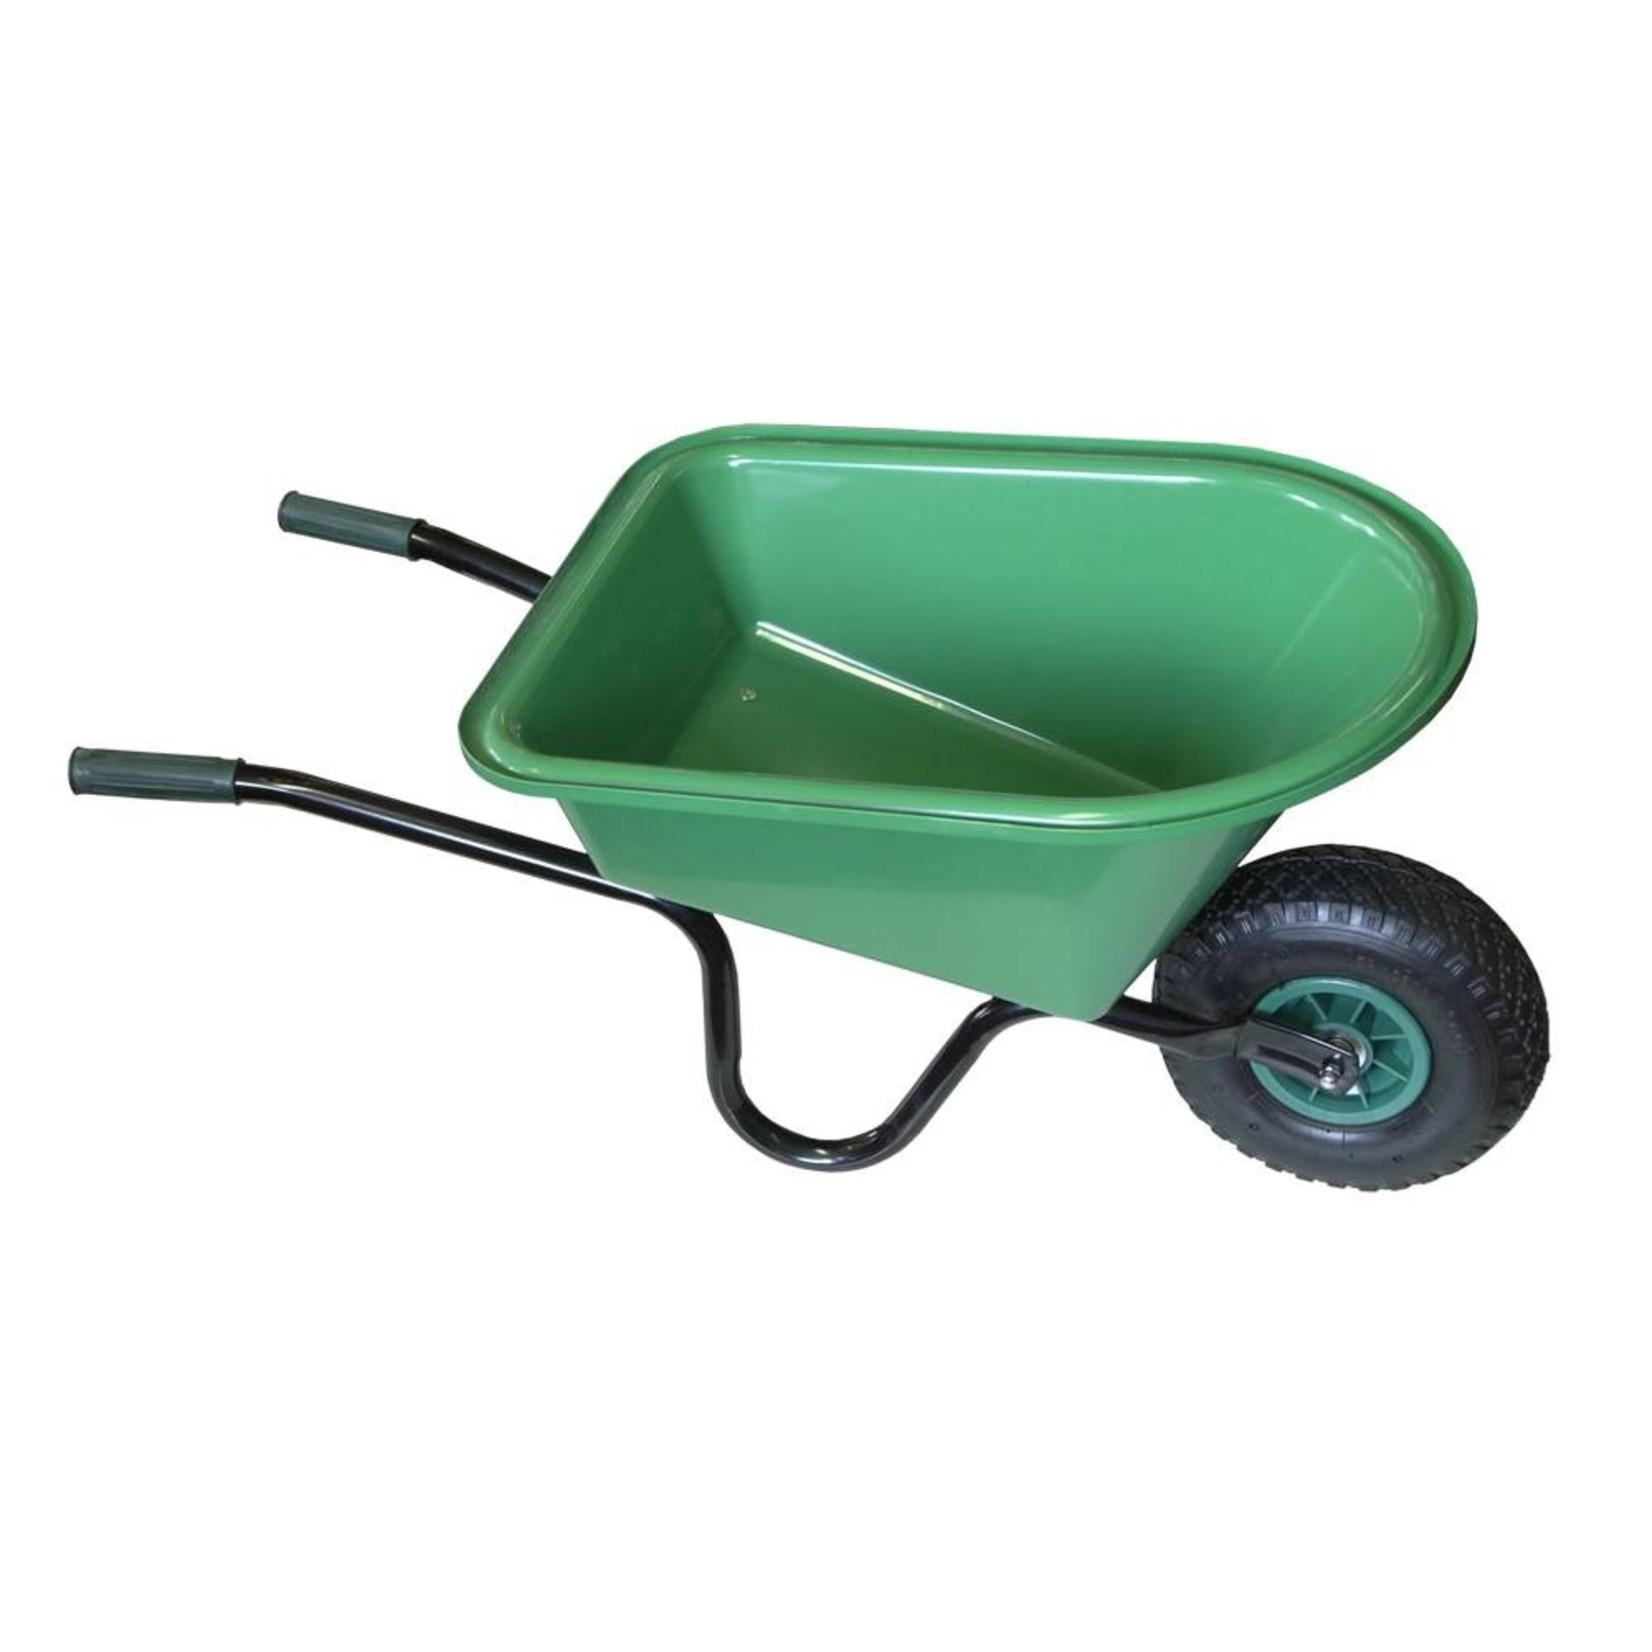 Meuwissen Agro Kinderkruiwagen groen